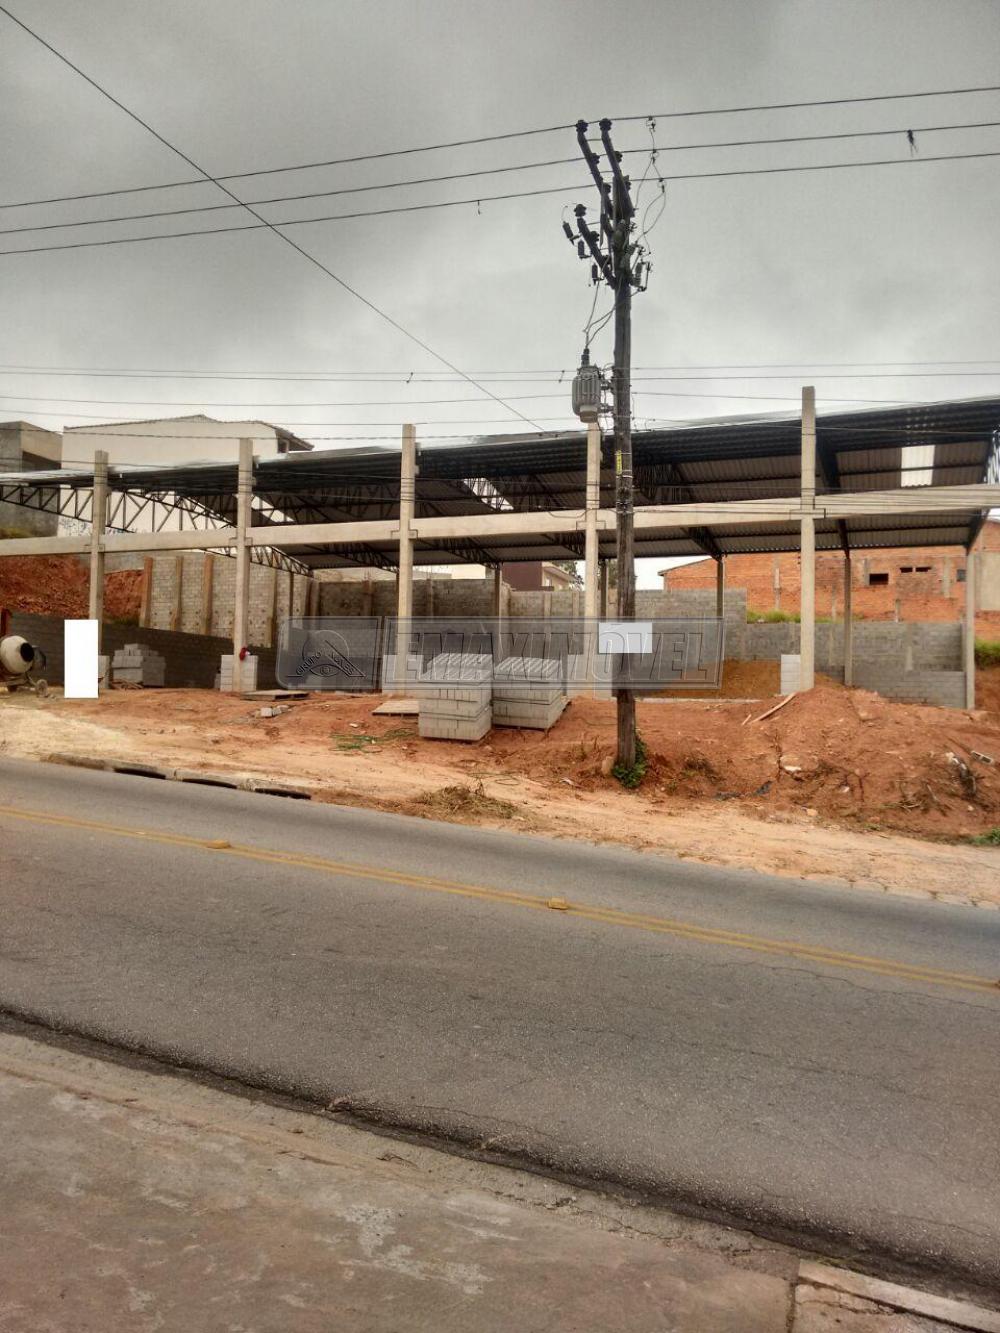 Alugar Galpão / em Bairro em Votorantim R$ 4.500,00 - Foto 1